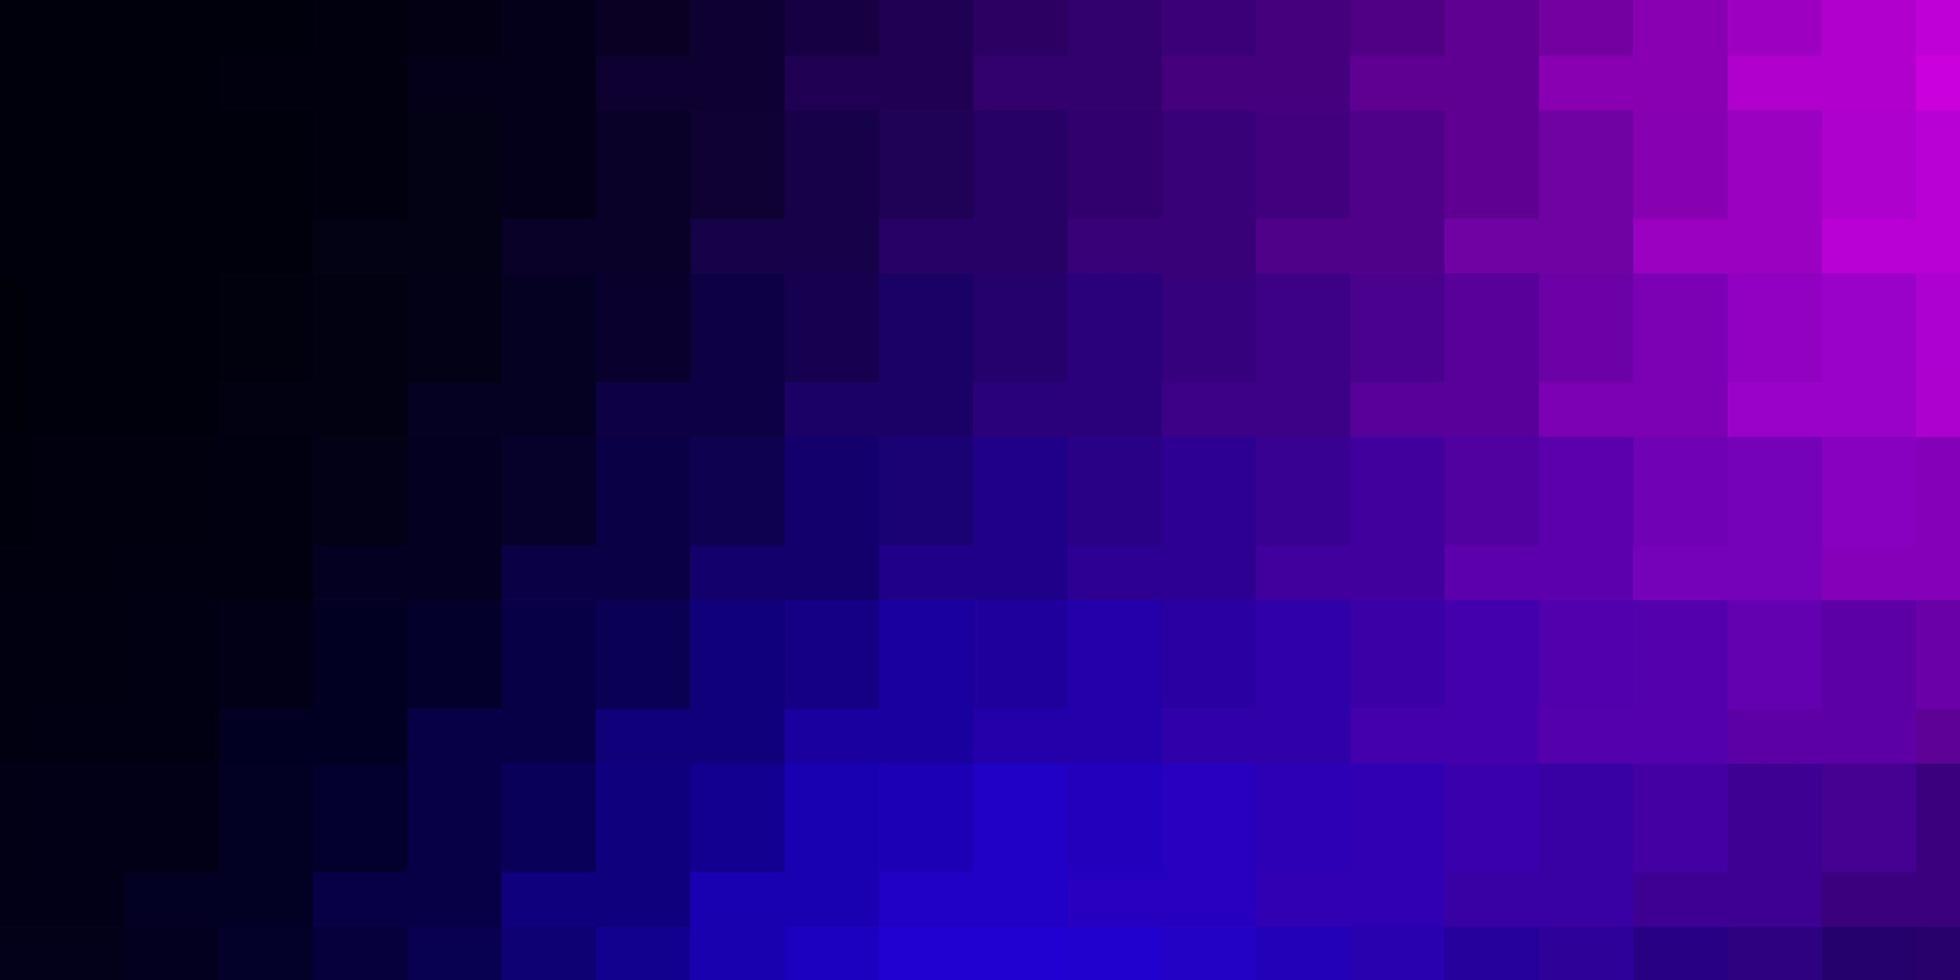 modèle vectoriel rose clair, bleu dans des rectangles.